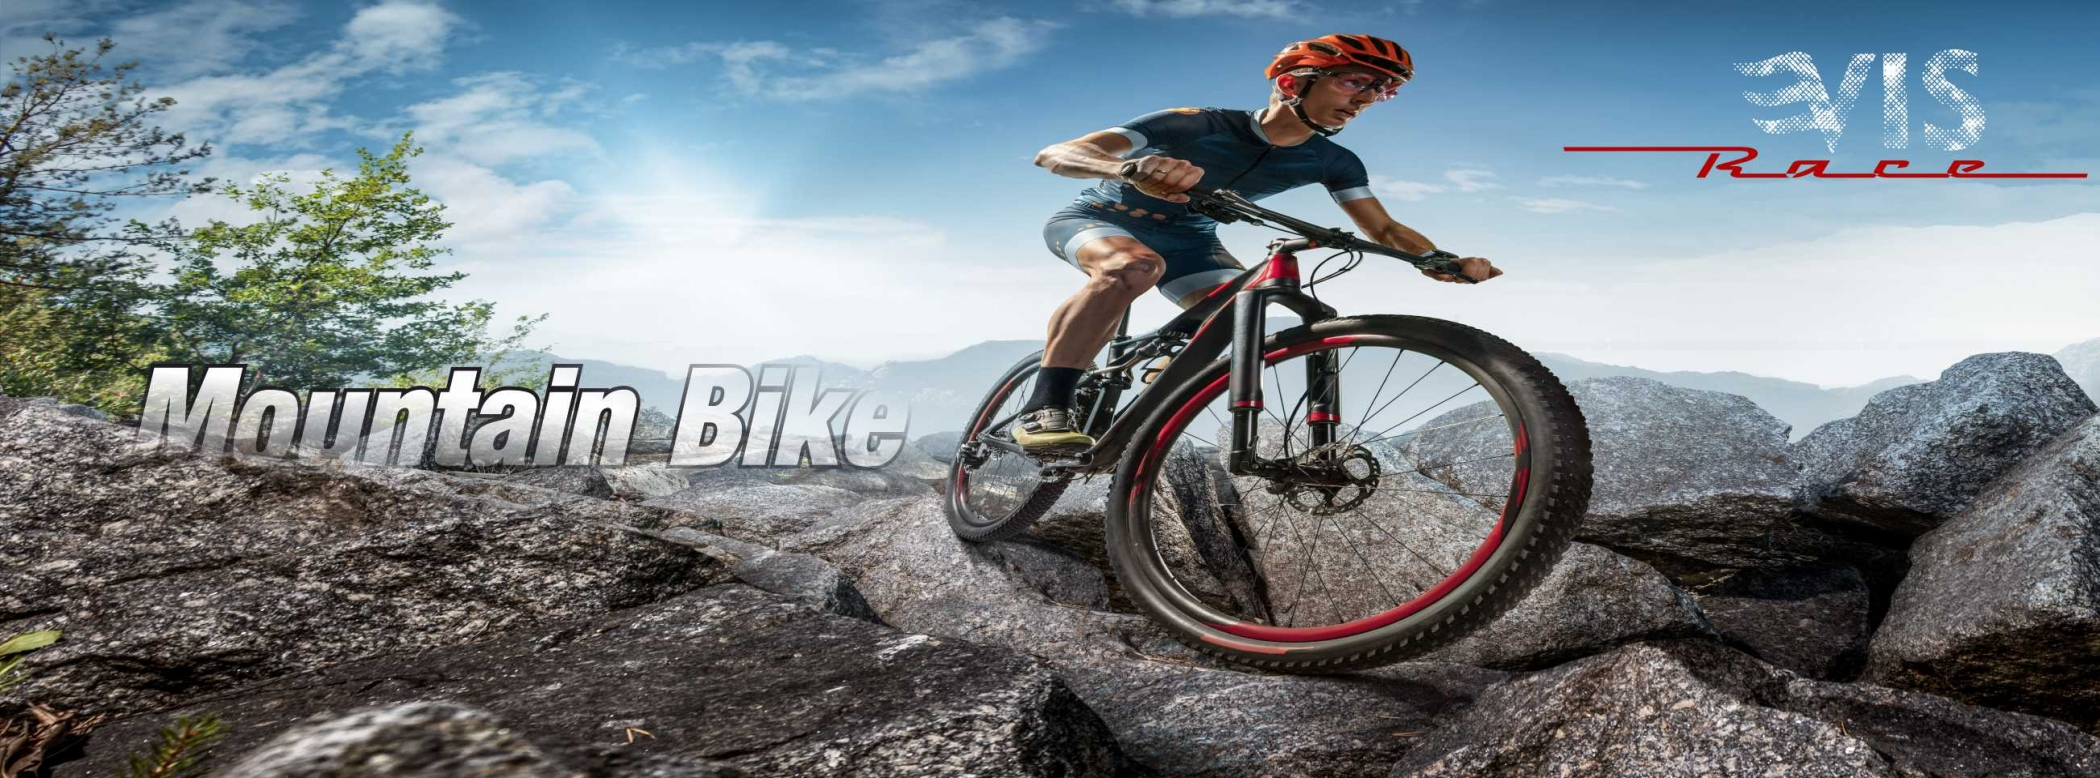 viziune cu bicicleta)